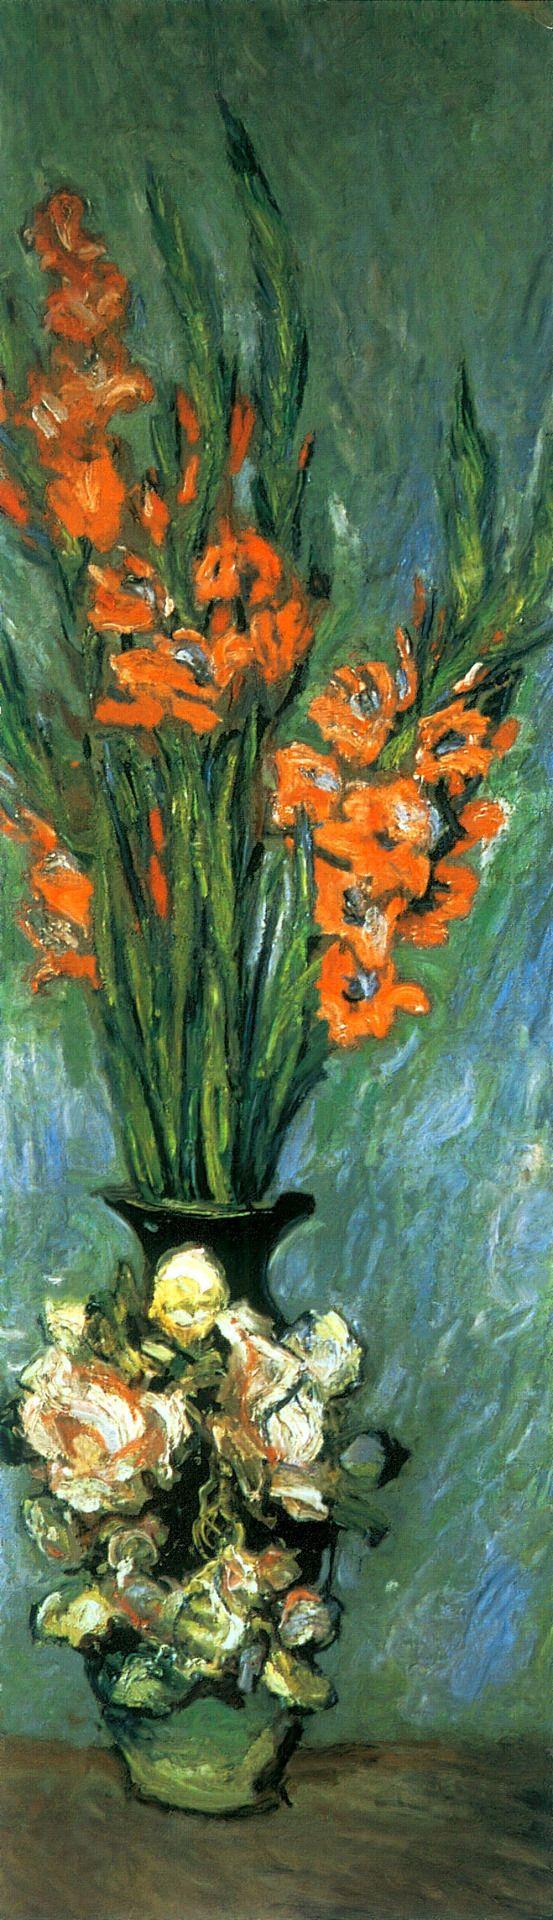 Gladioli by Monet